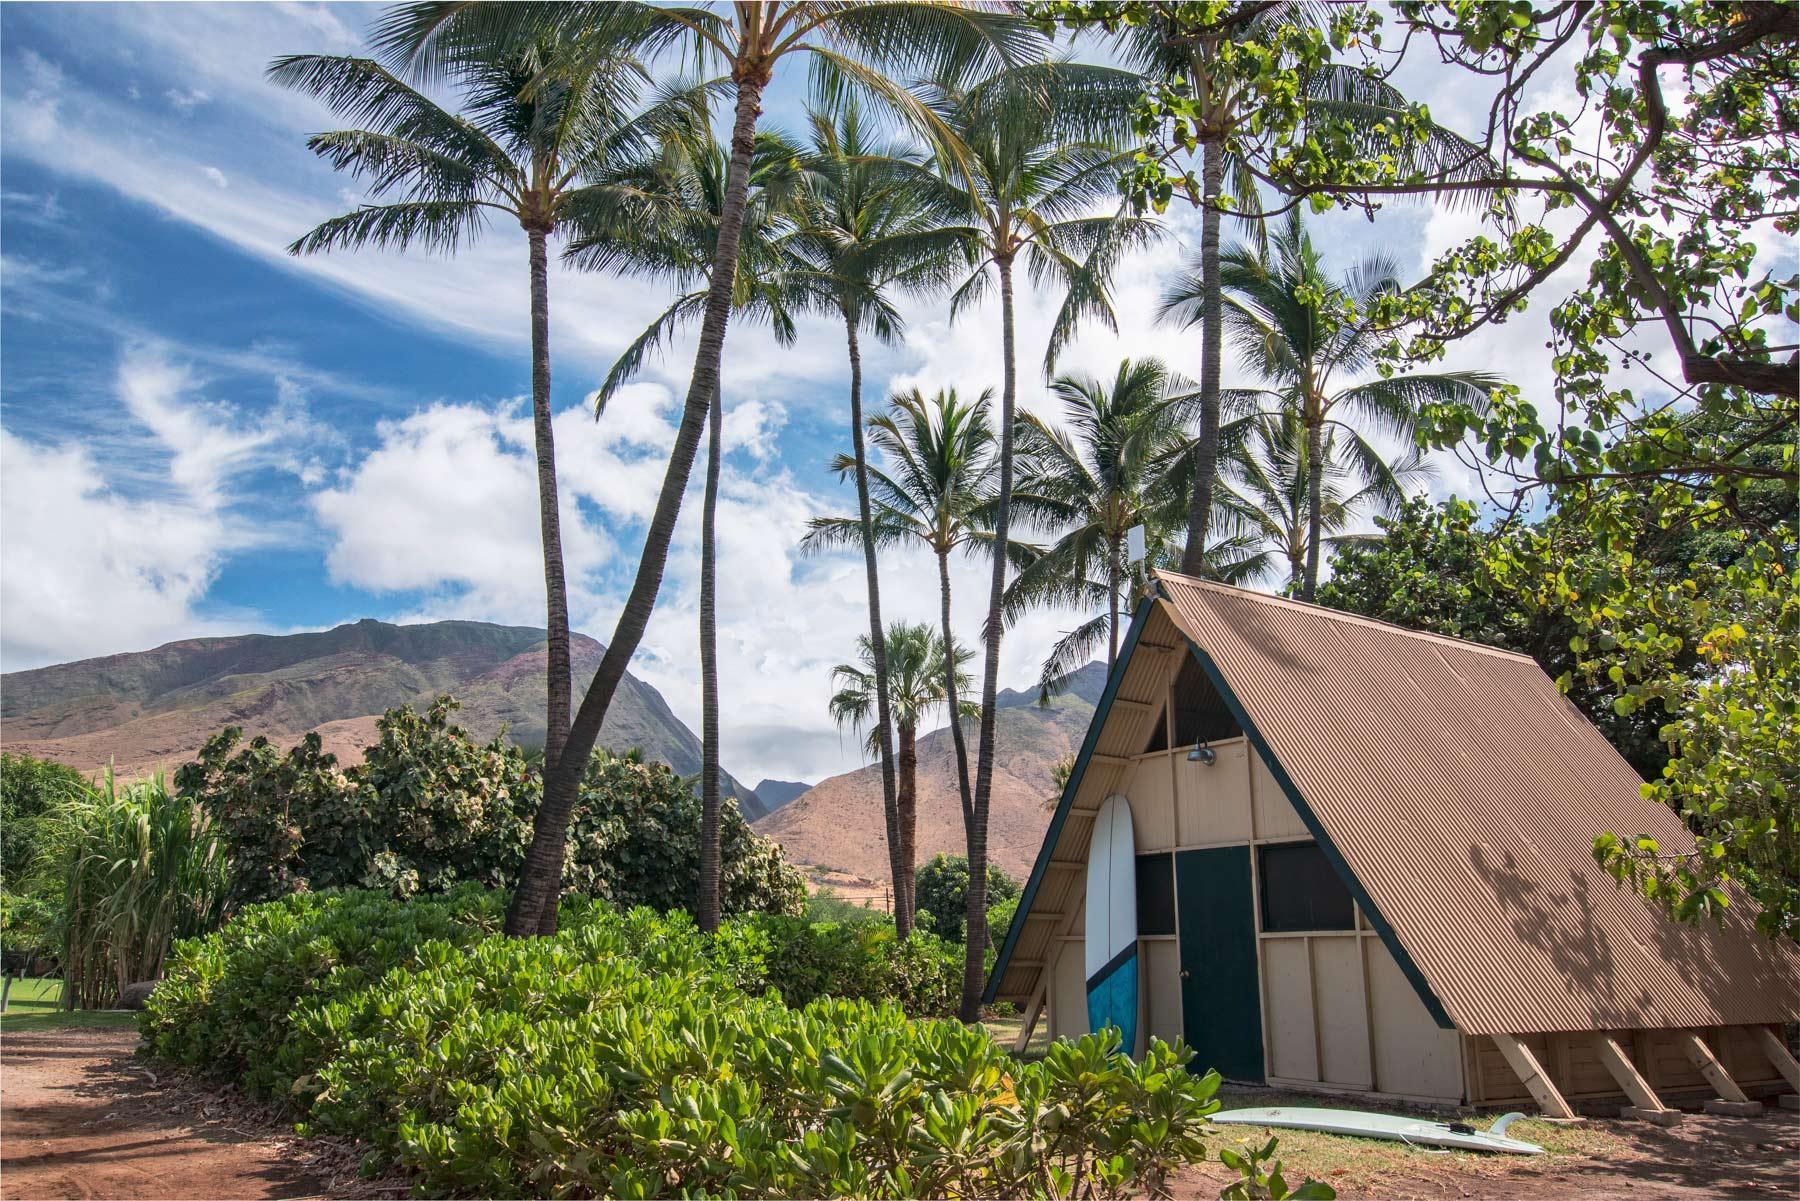 Camp Olowalu, Maui